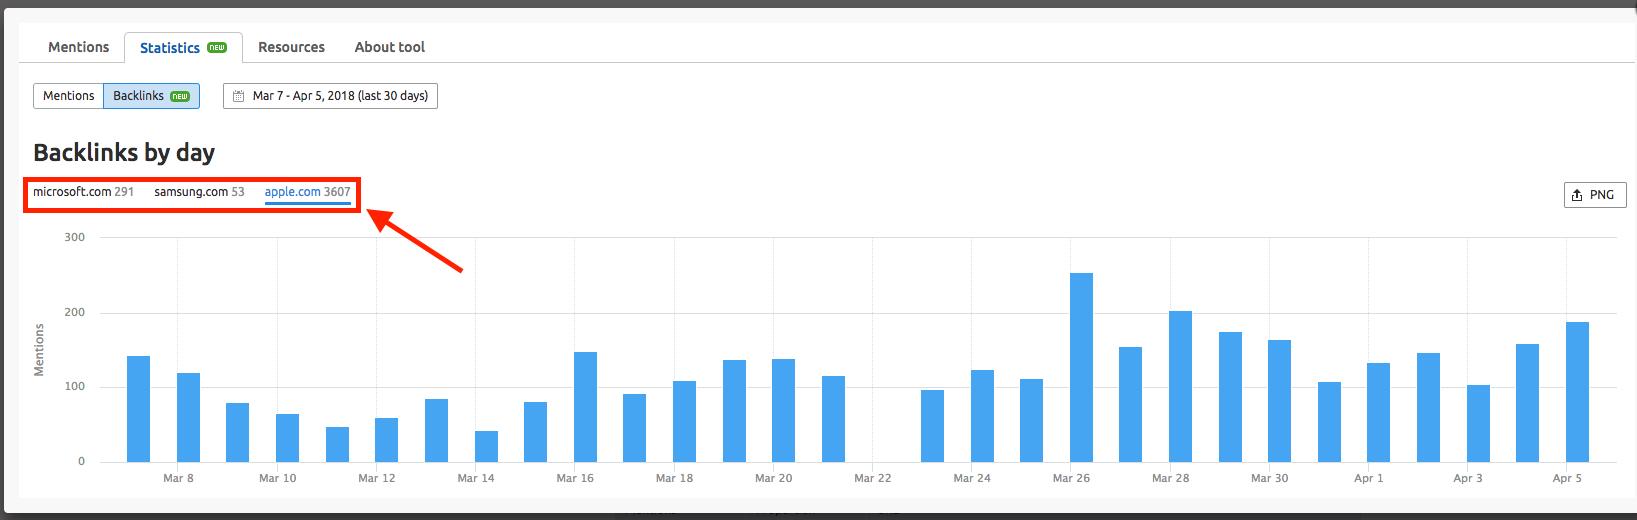 Measuring Brand Monitoring Statistics image 3